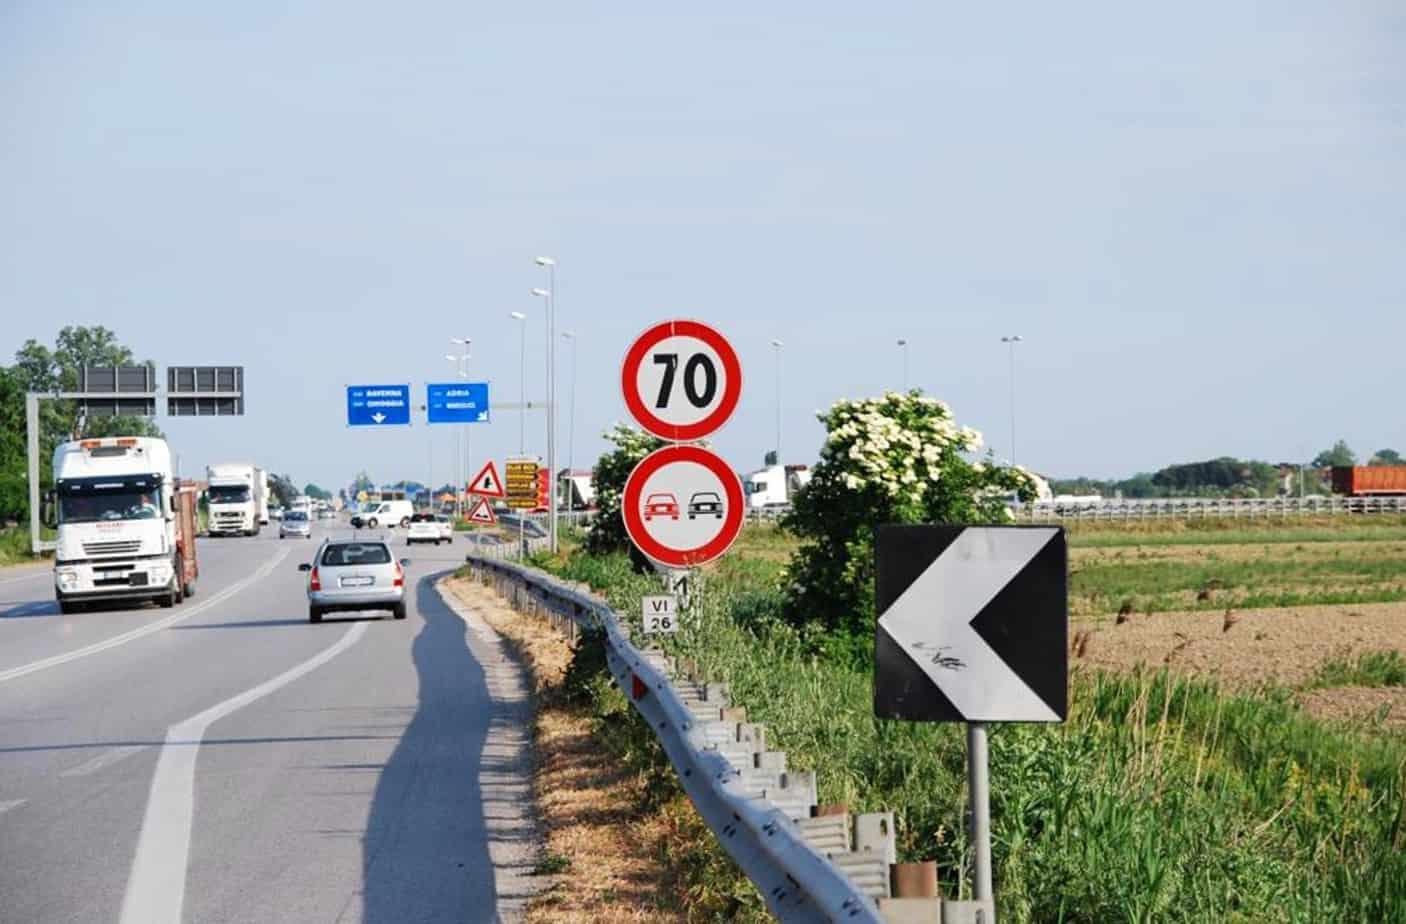 L'incidente stradale è la conseguenza di uno o più errori all'interno di un sistema complesso, che comprende la strada, i veicoli e l'uomo